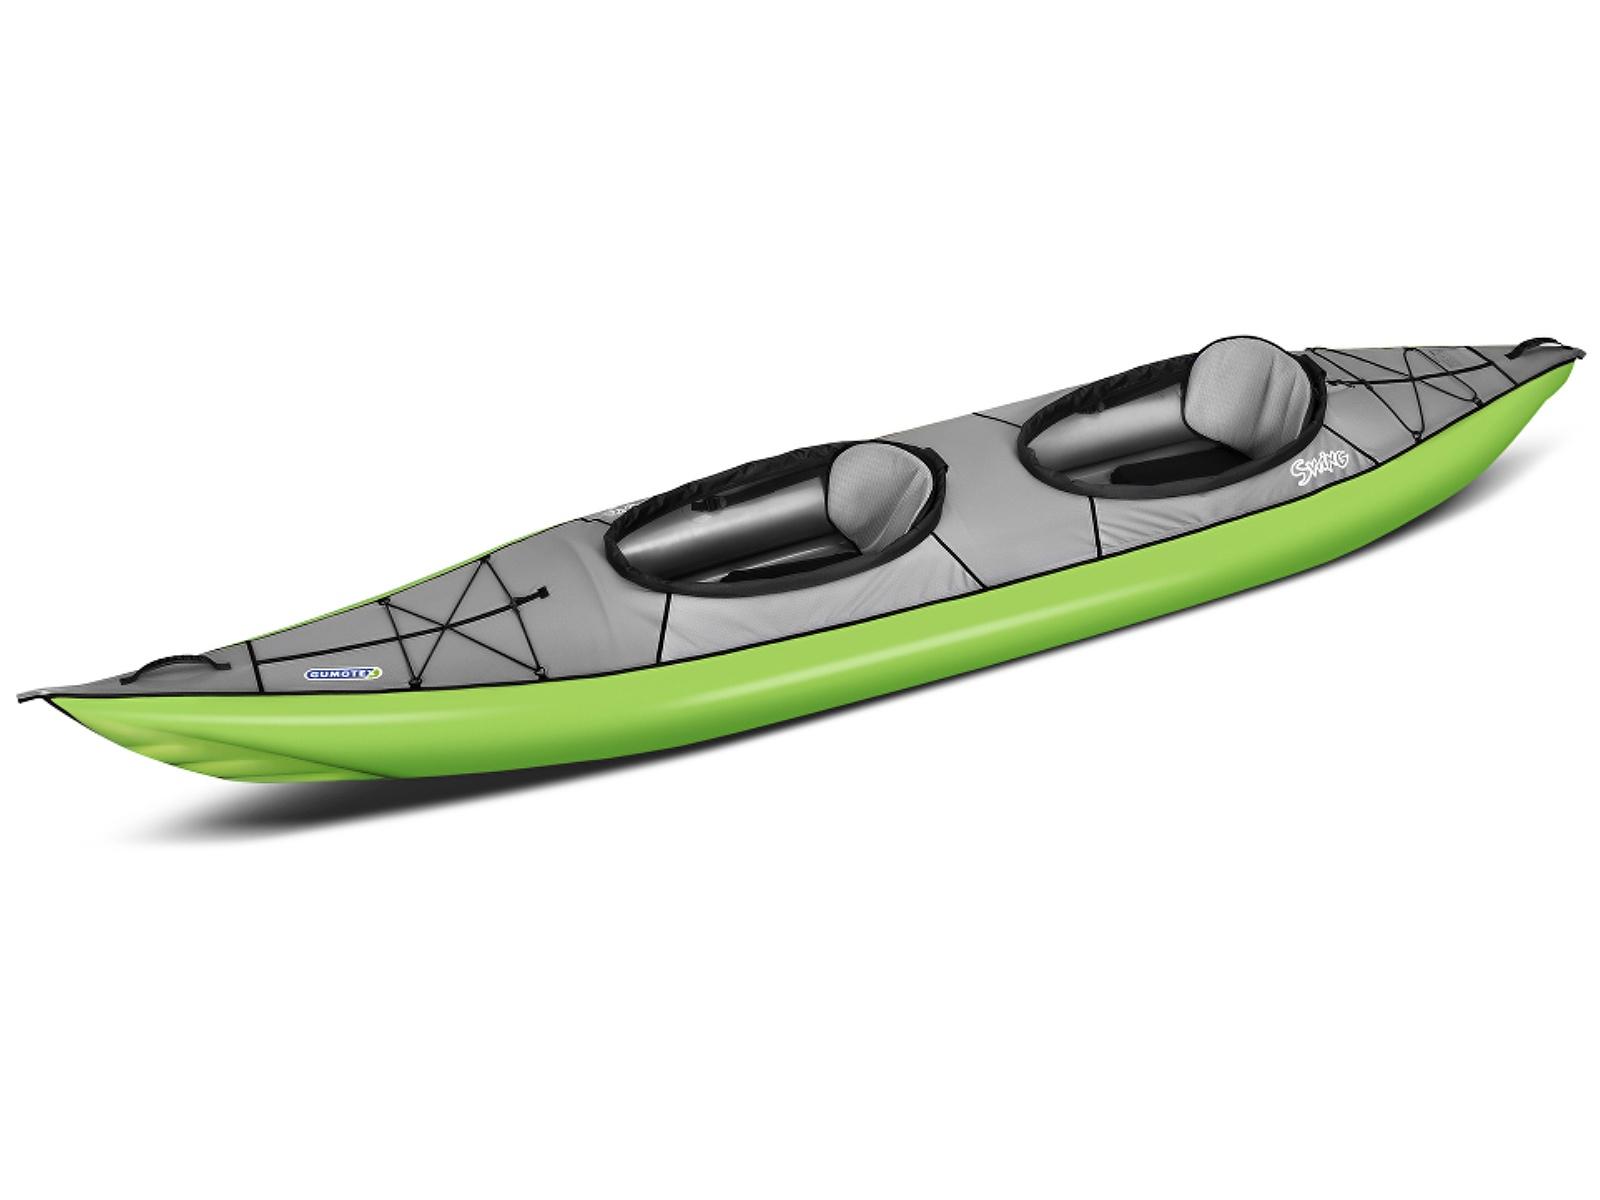 Nafukovací kajak GUMOTEX Swing 2 zeleno-šedý